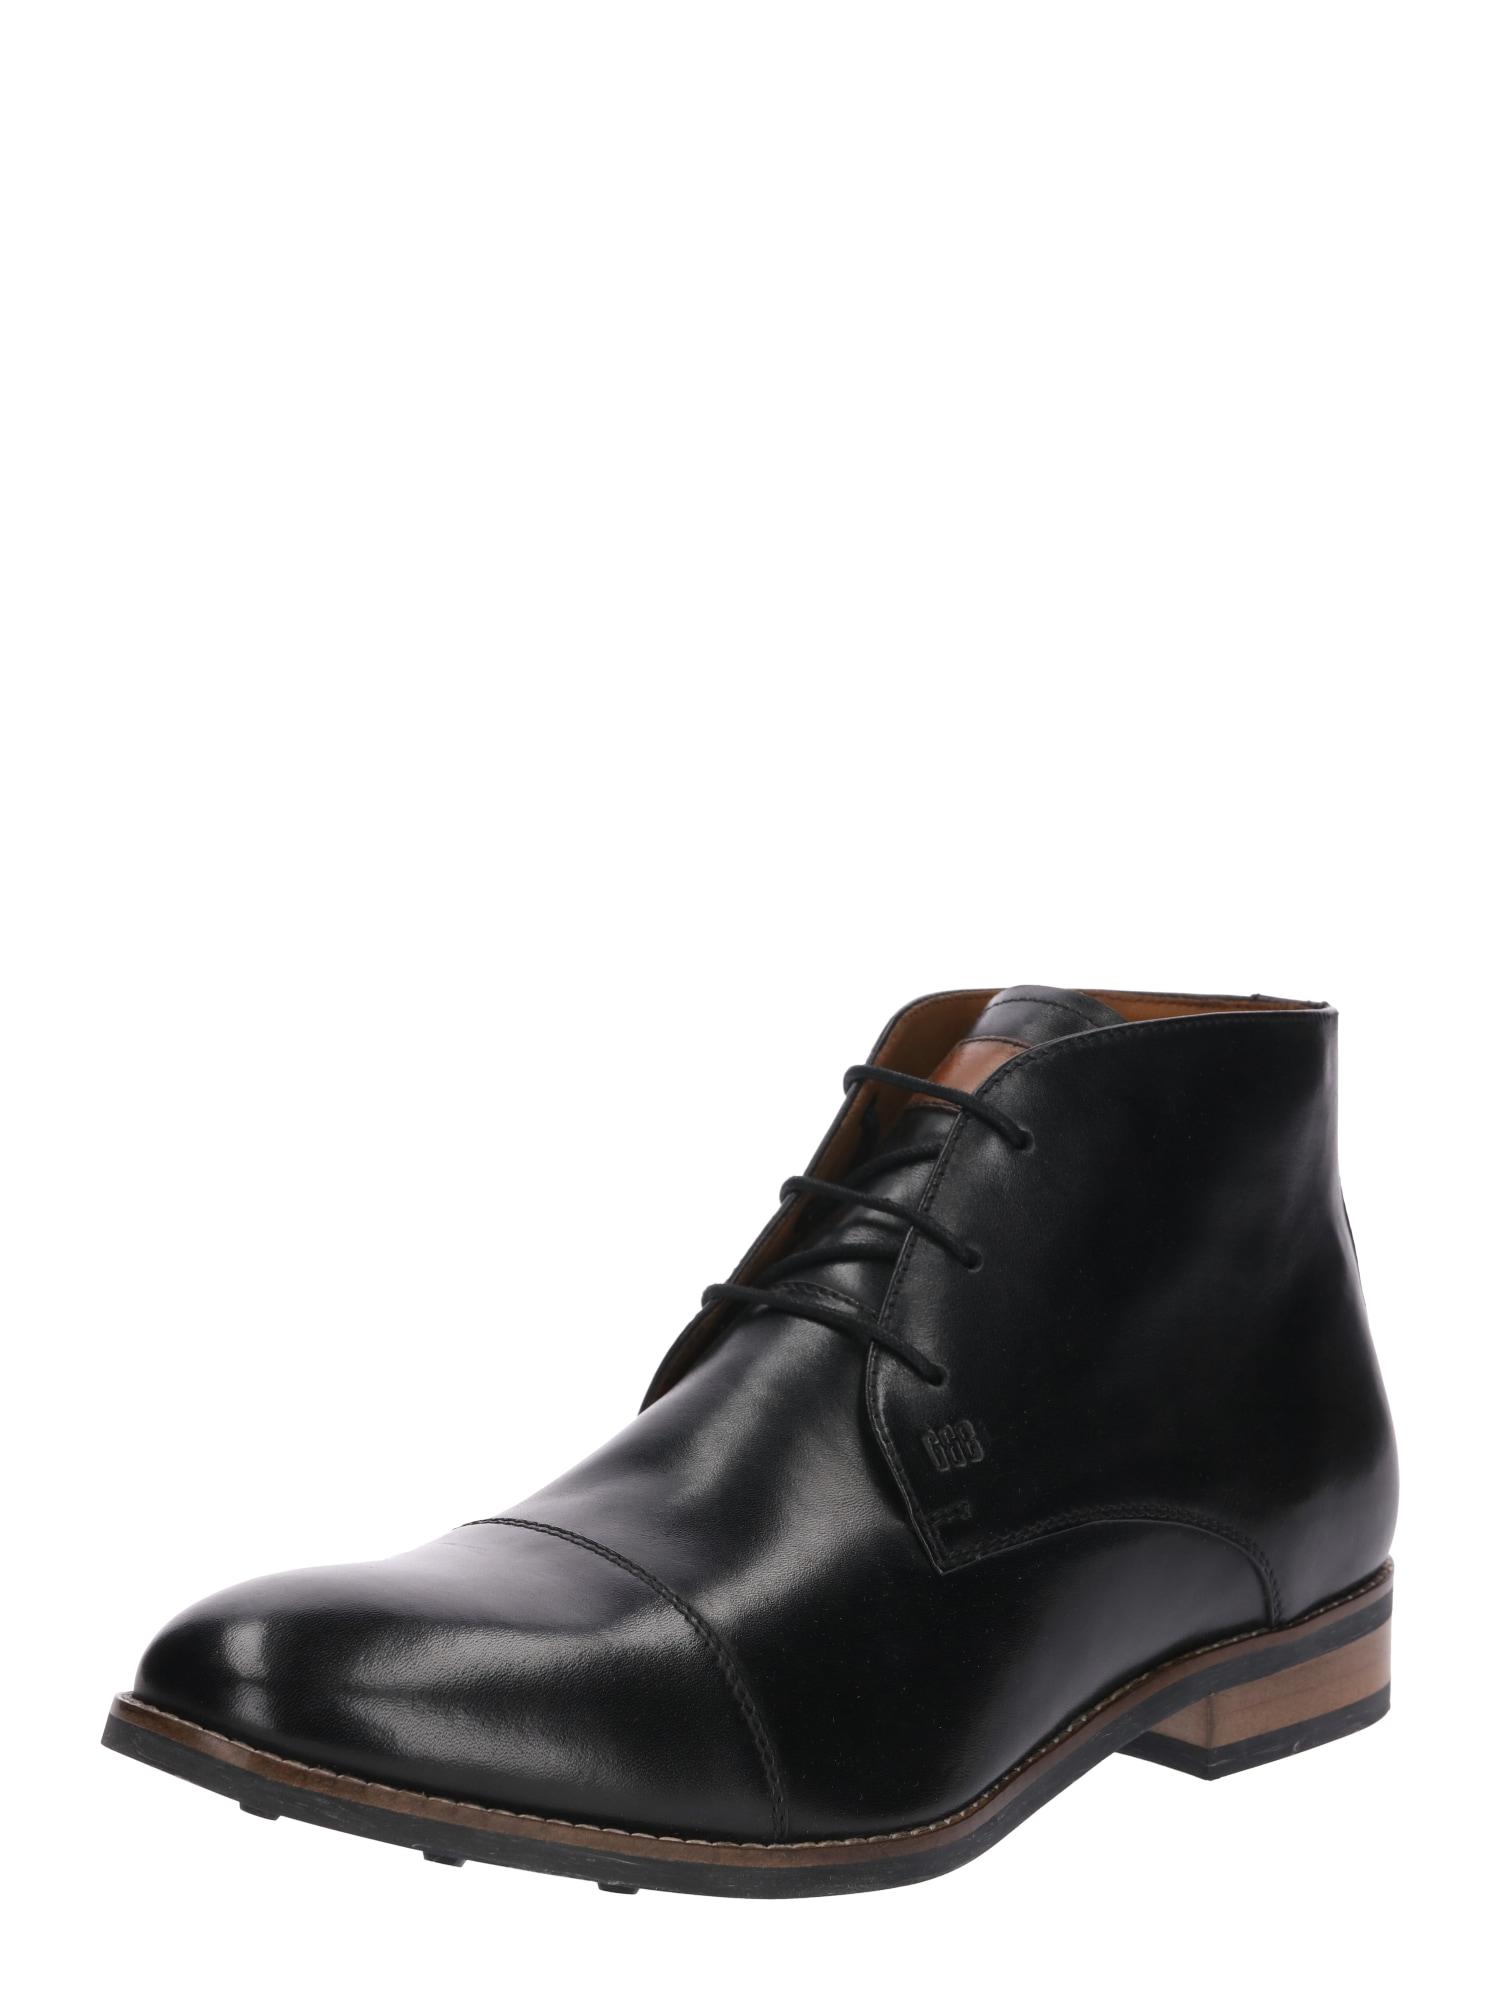 Šněrovací boty Danilo černá Gordon & Bros